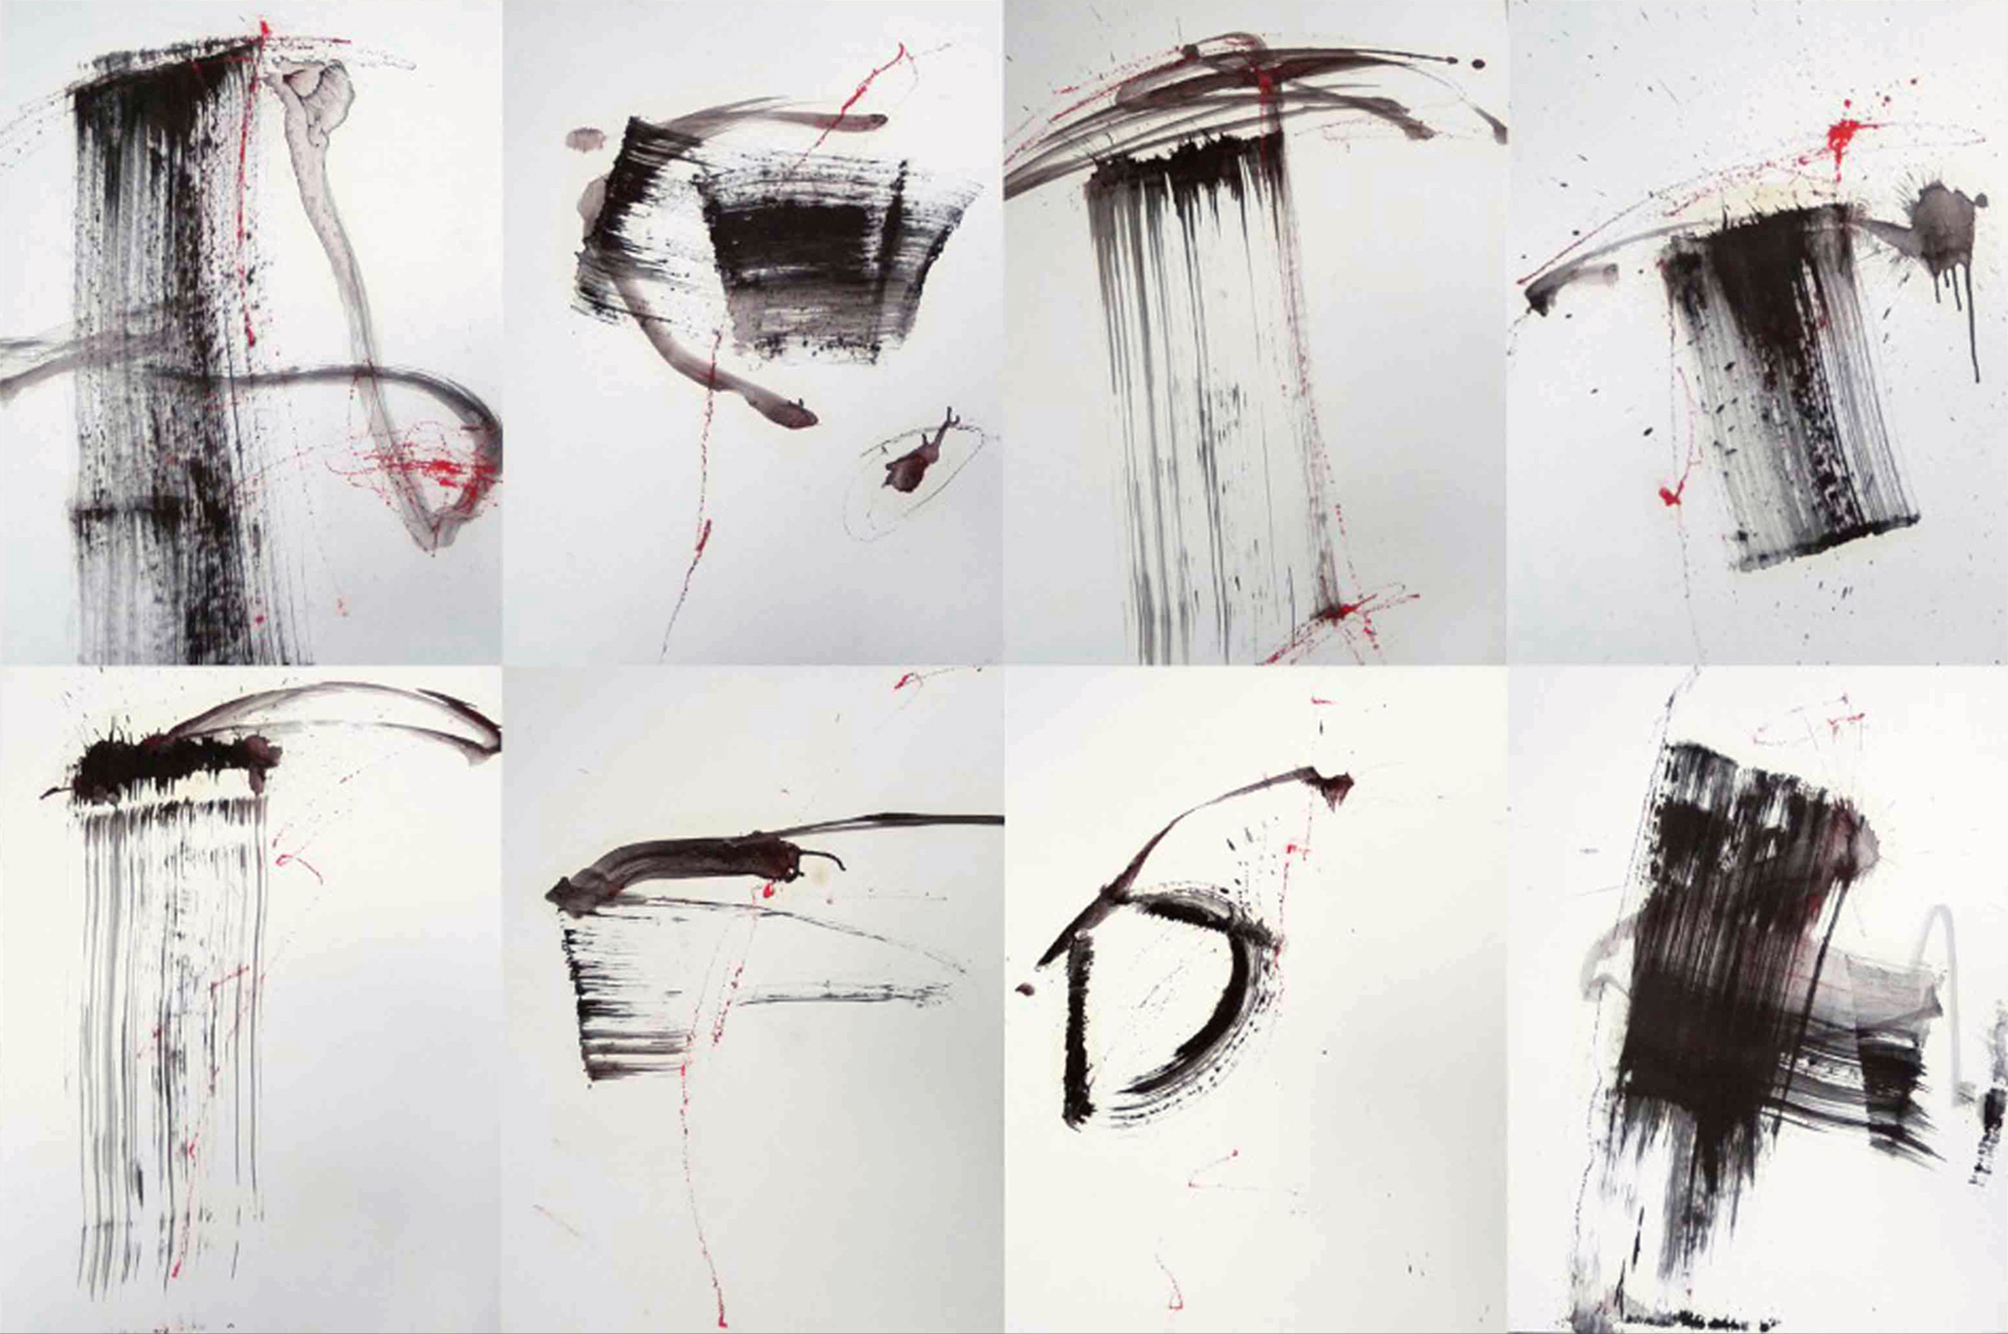 MARC FELD 2010 SONG FOR ANTONY BRAXTON  Huile pigment et encre sur papier marouflé sur toile 130 x 200 cm